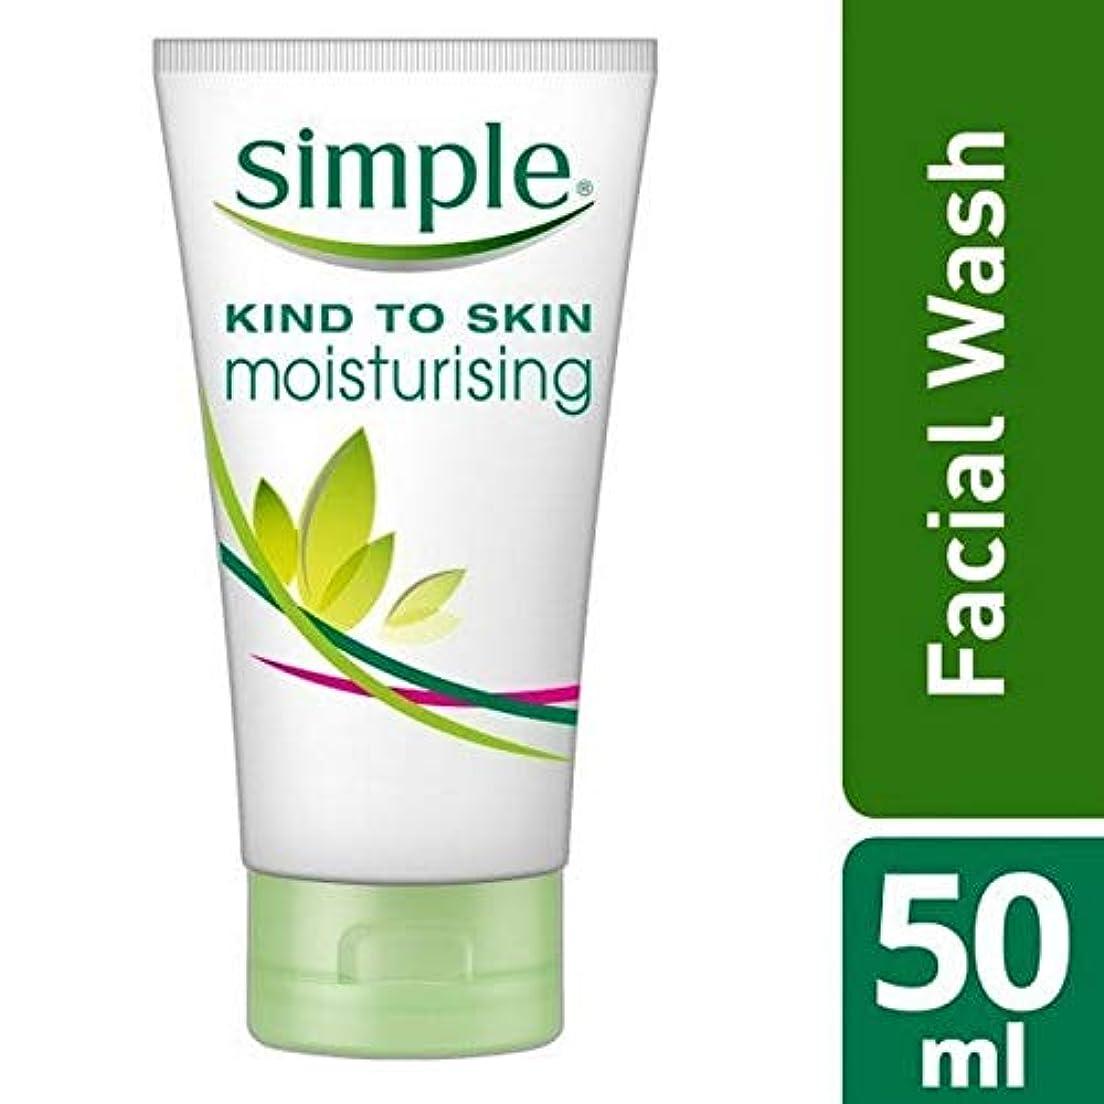 ムスタチオ受け入れたスリチンモイ[Simple ] 洗顔50ミリリットルを保湿肌への単純な種類 - Simple Kind To Skin Moisturising Facial Wash 50ml [並行輸入品]